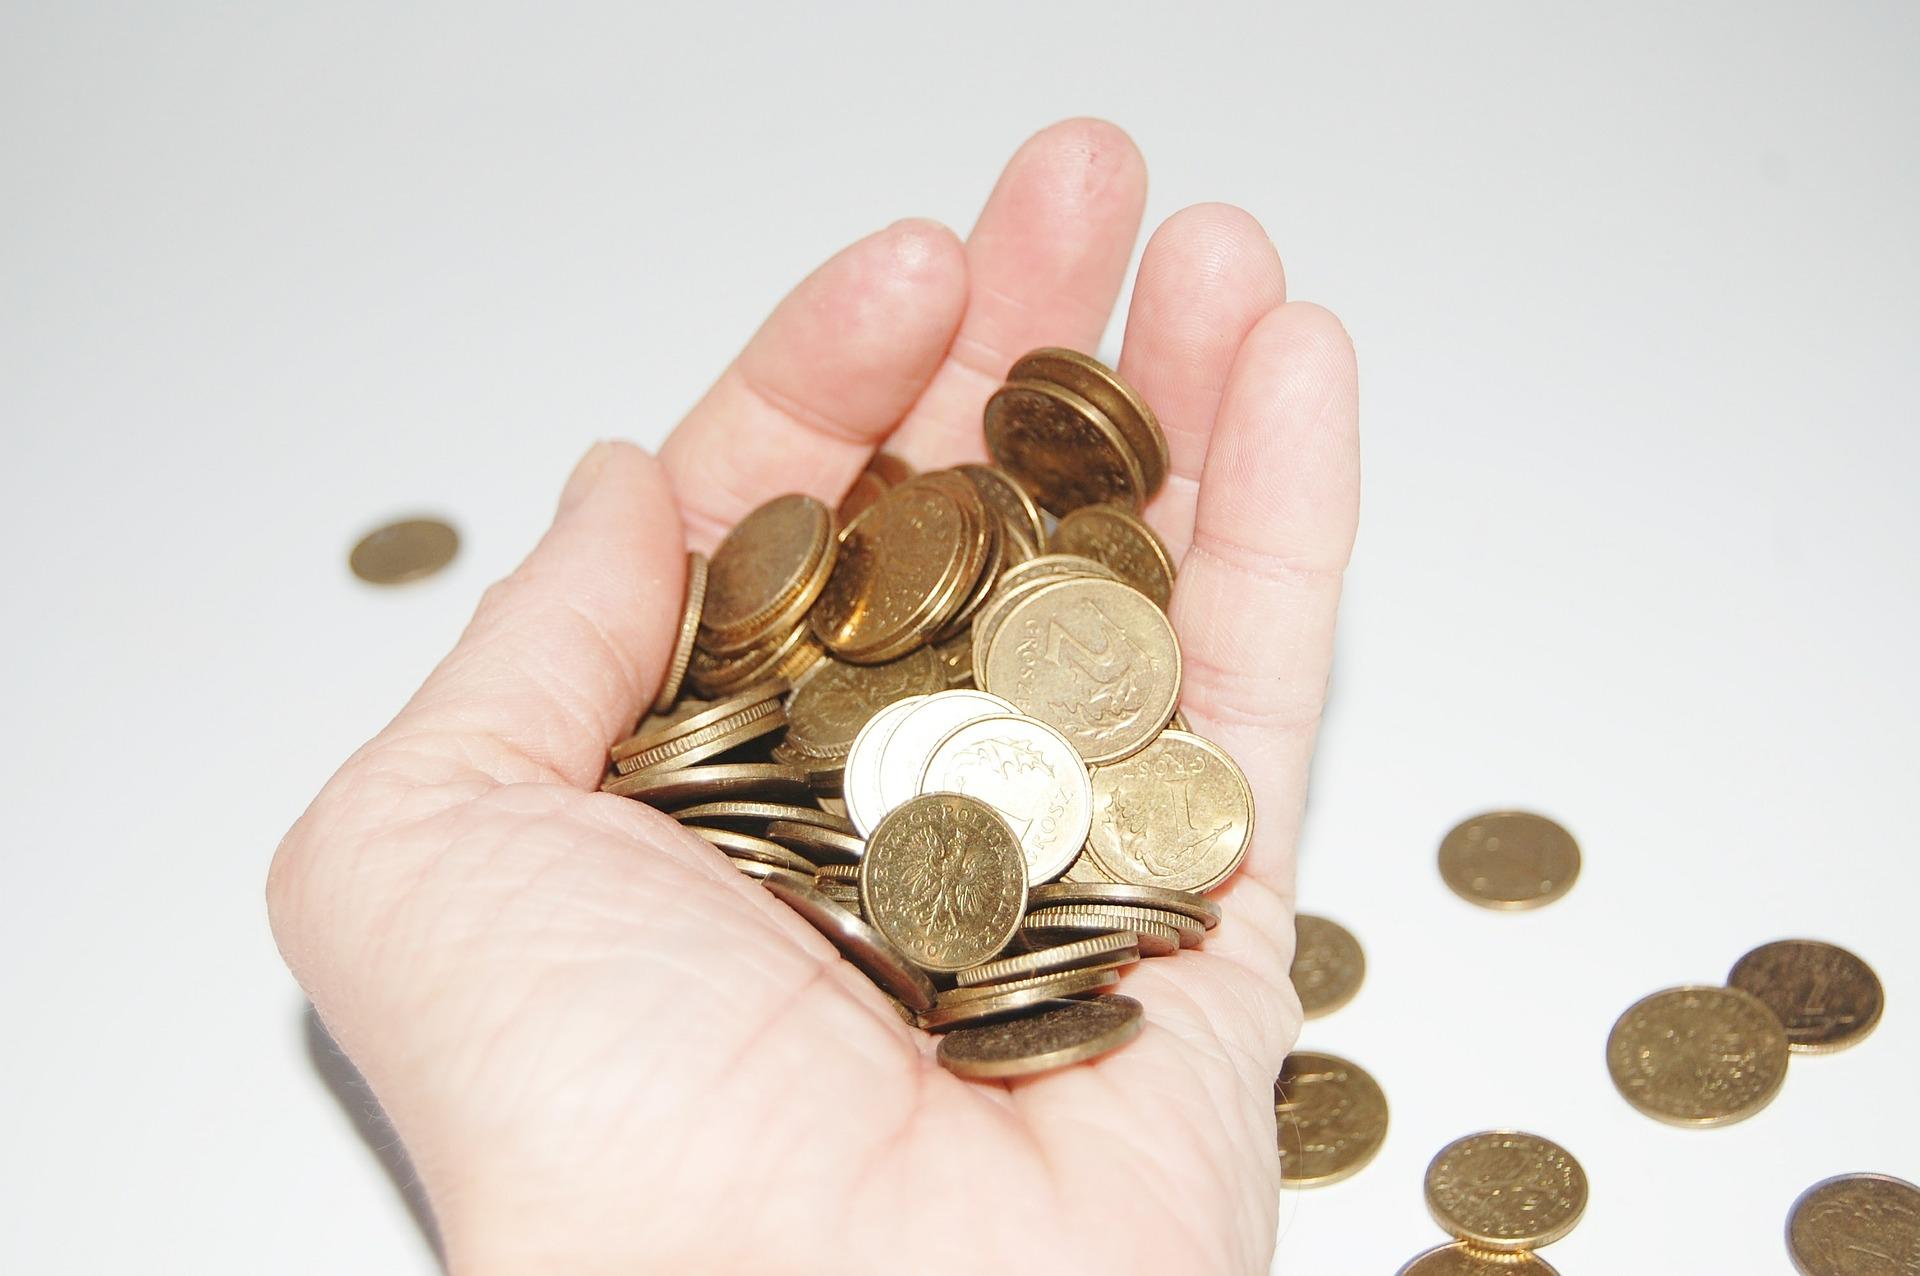 Indústria de fundos acumulou resgates de R$ 20,1 bi, segundo Anbima